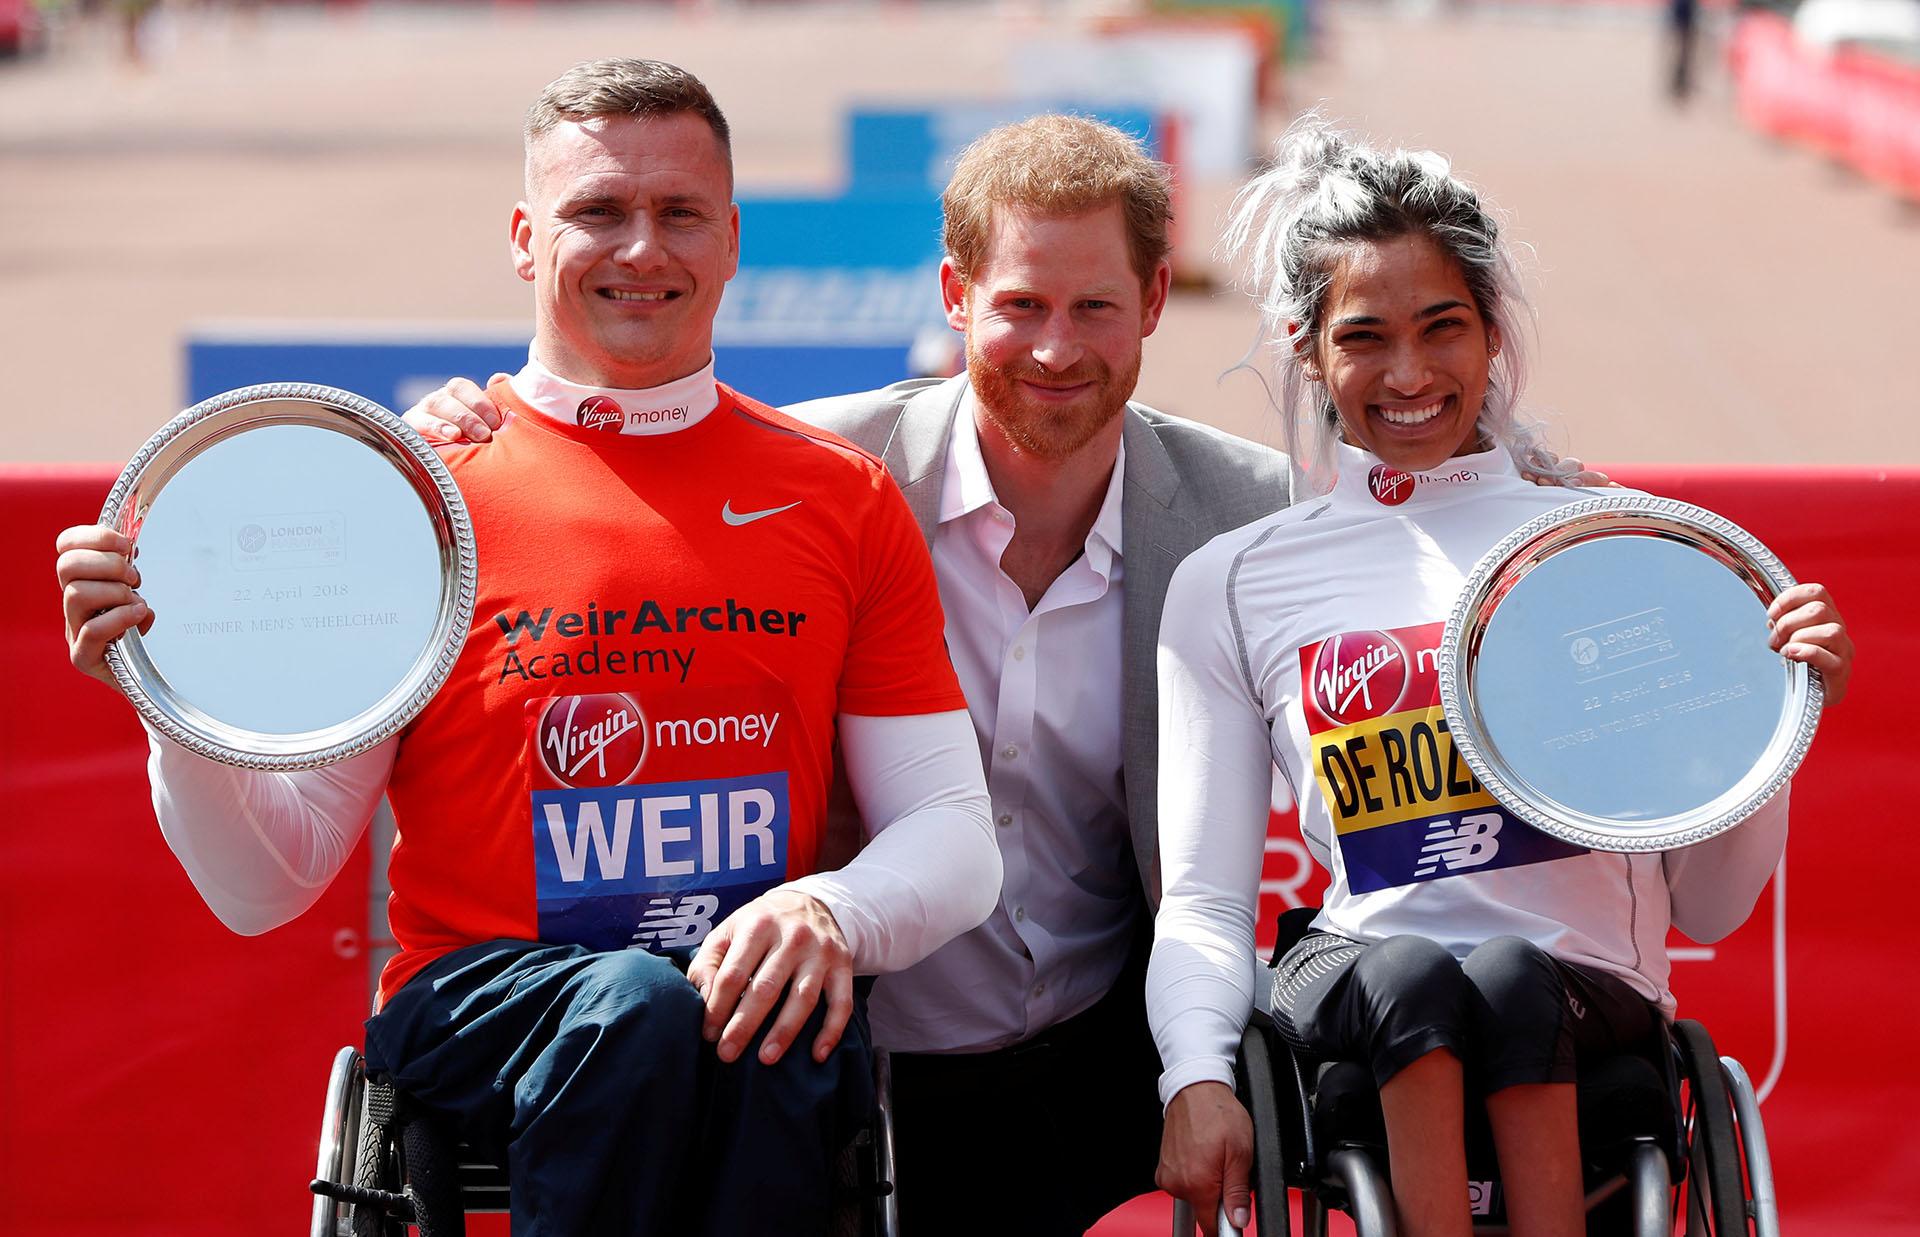 El principeHarry junto a la australiana Madison de Rozario y el británico David Weir, ganadores de sus categorpias